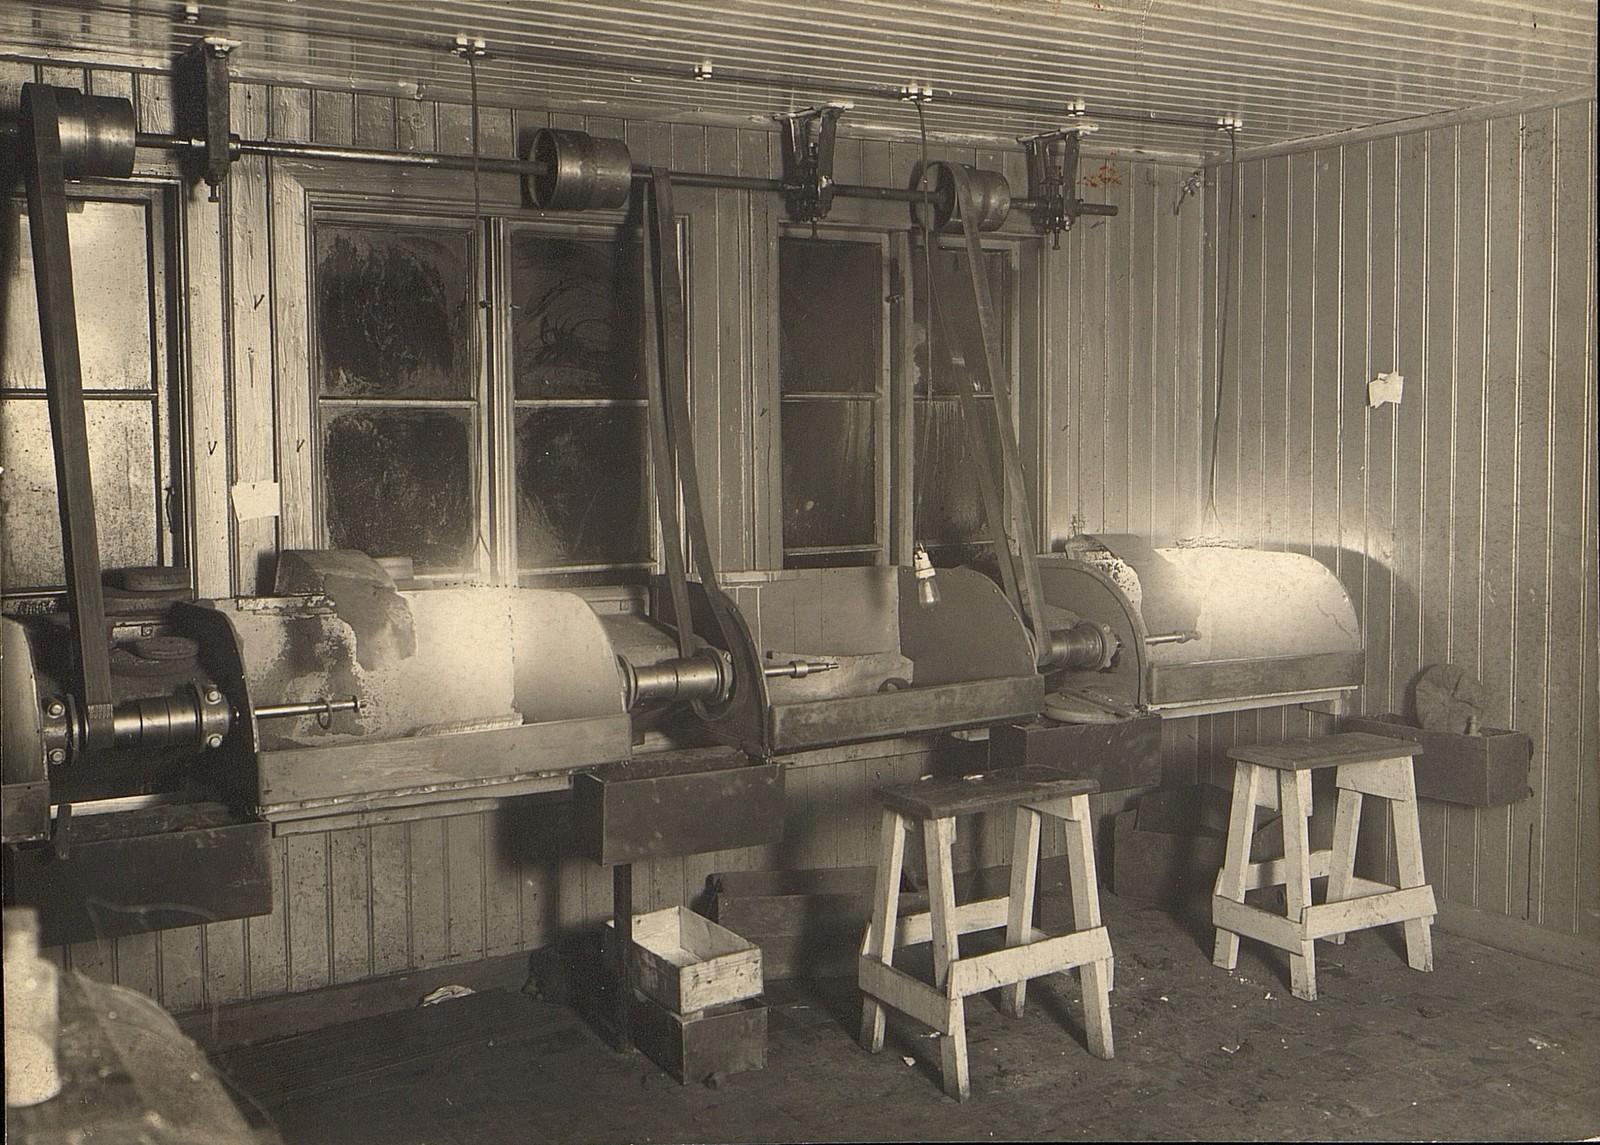 Fra produksjonslokalene i Anders Larsensgt. 15. Maskiner og utstyr i fabrikkens verksteder. Rundt 1910. Fotograf ukjent.